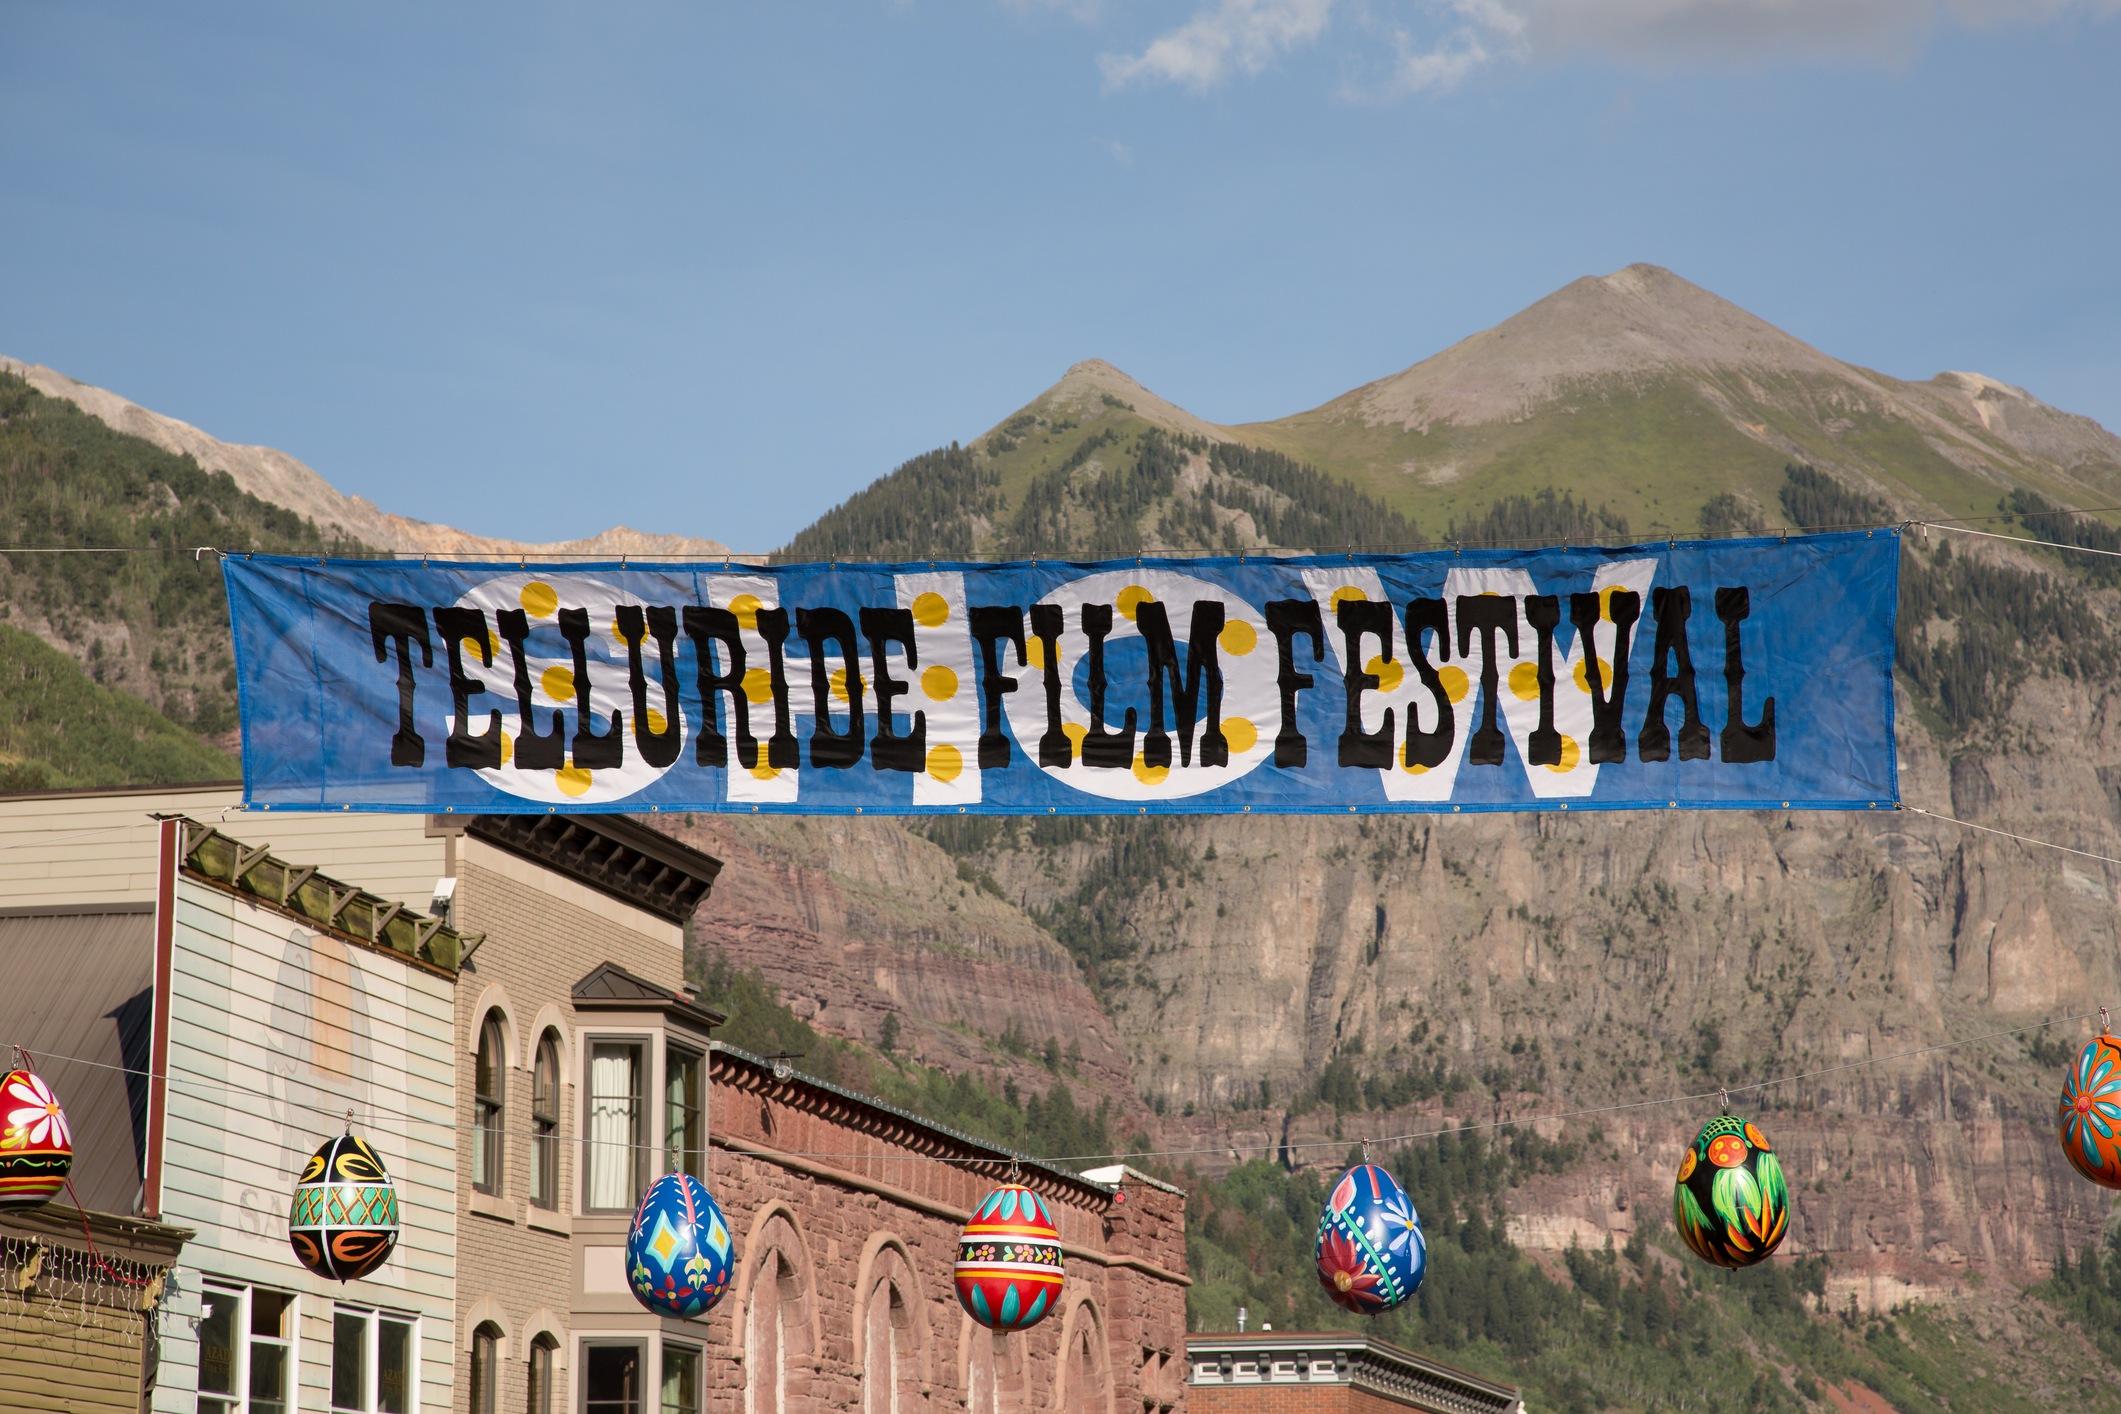 Telluride film festival